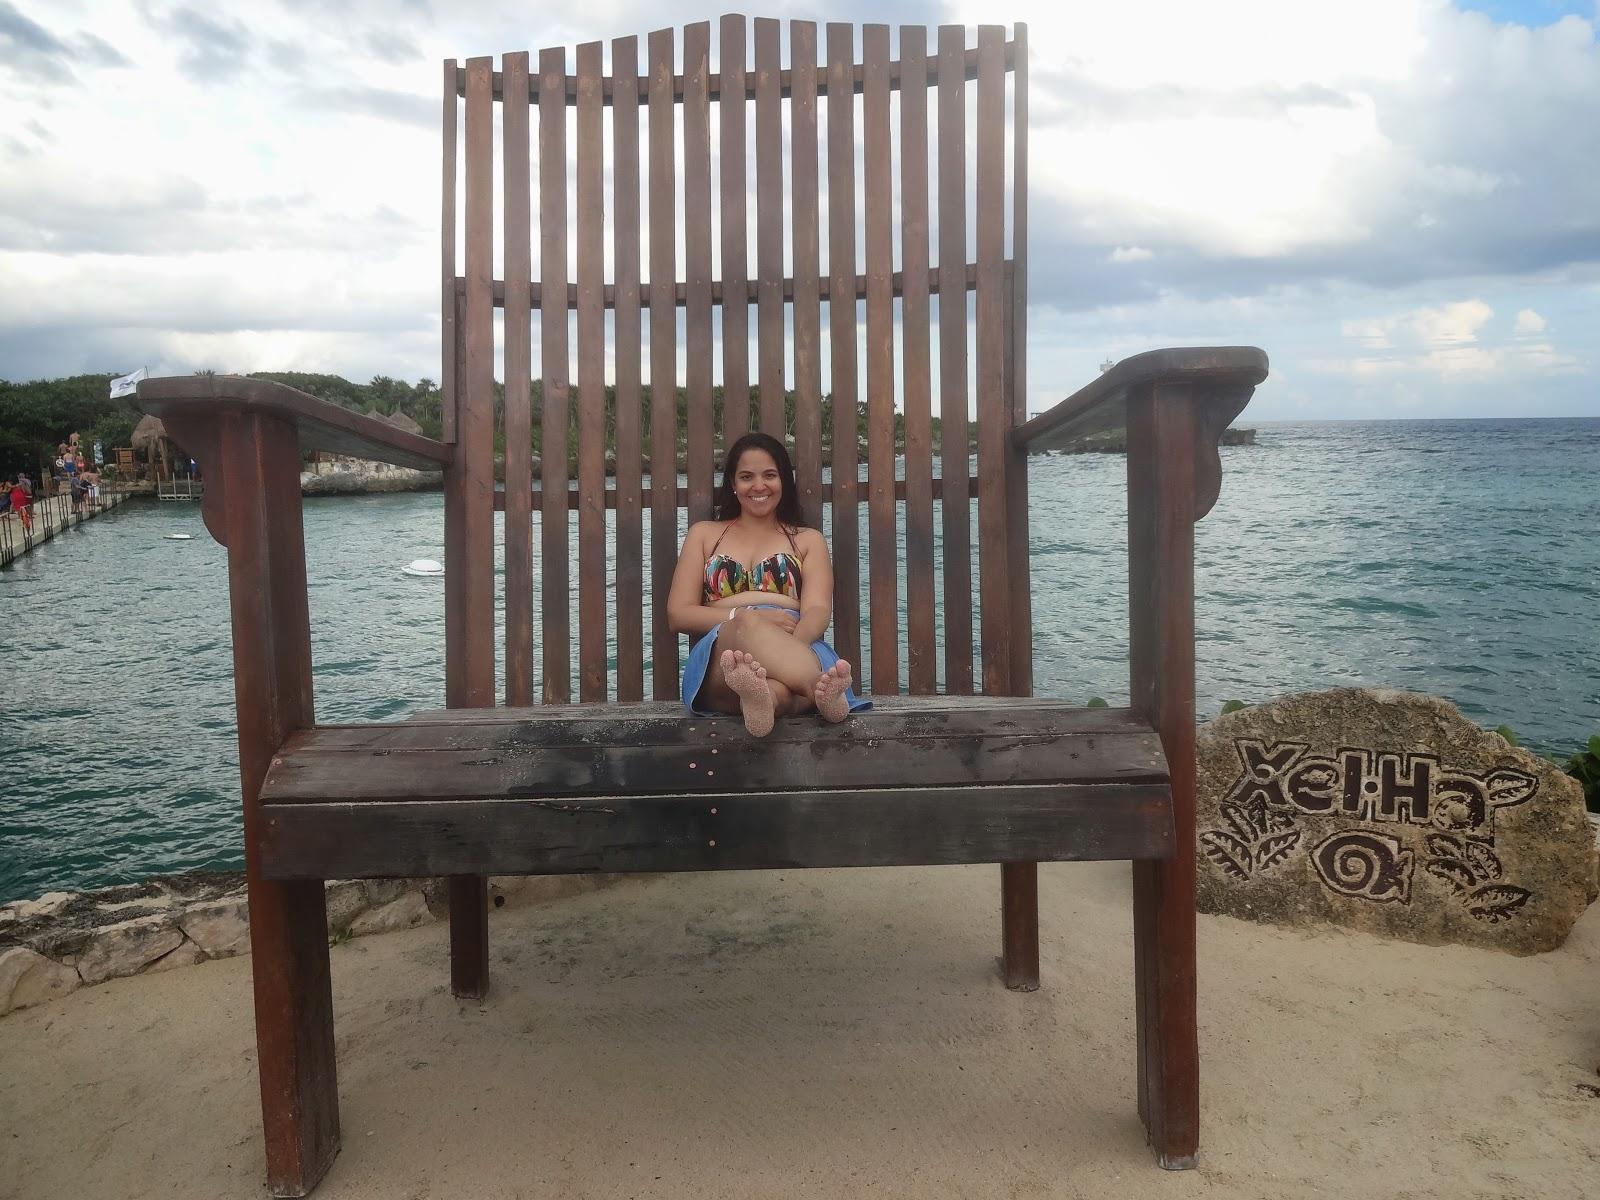 cadeira gigante - parque xel-ha - cancún - riviera maya